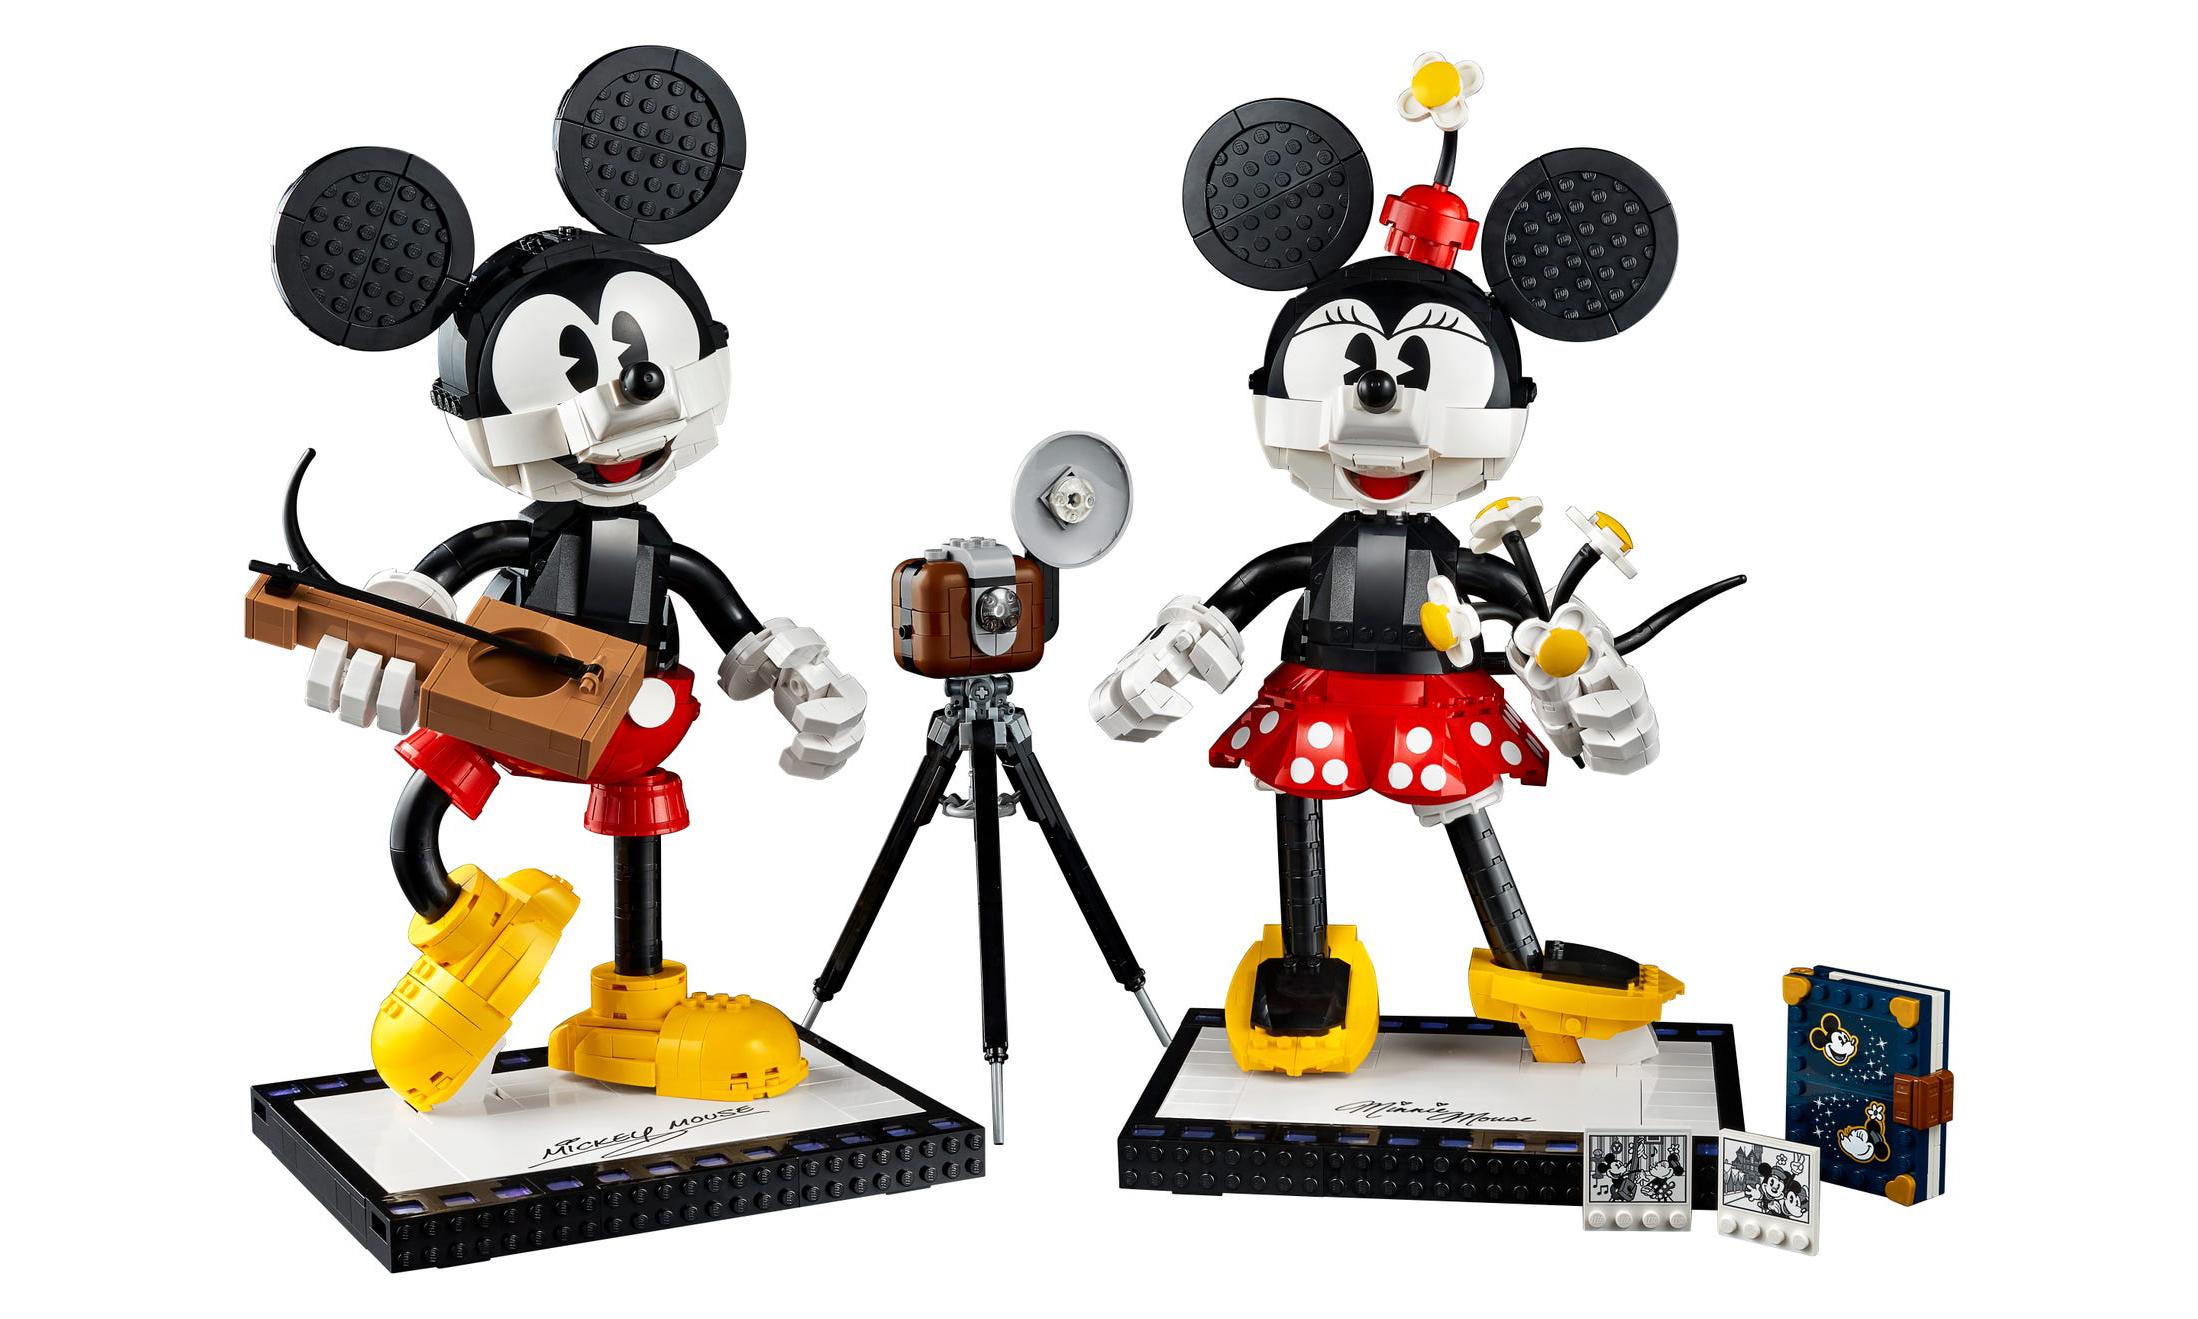 美好「大」回忆,LEGO 推出 Mickey & Minnie 套装